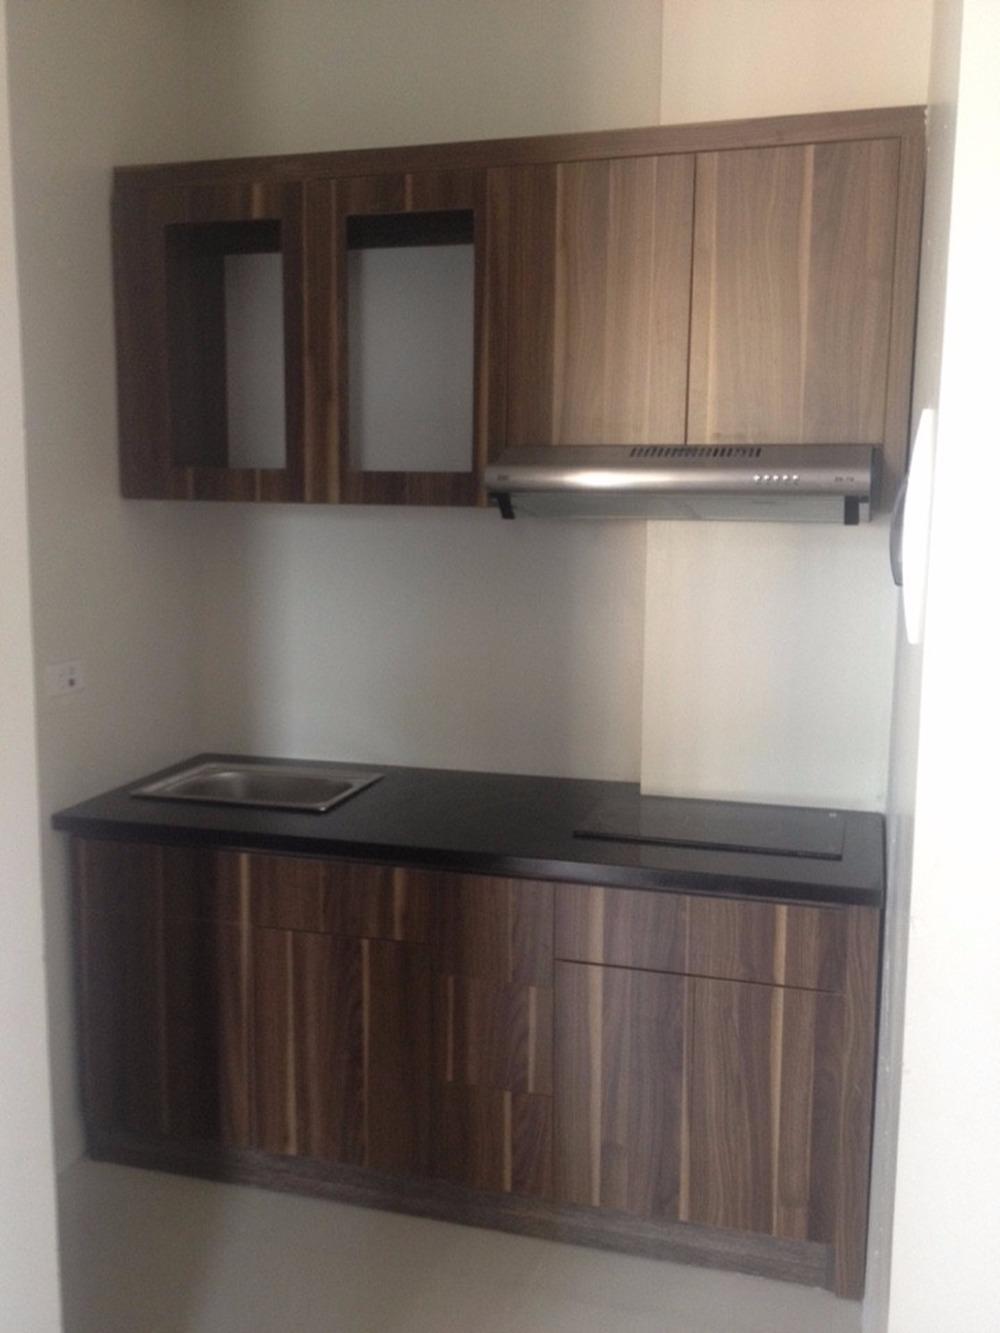 Cho thuê căn hộ chung cư cao cấp tại Khu đô thị  Mễ Trì, Nam Từ Liêm diện tích 40m2 201784b491d2-672a-41b4-9989-8f28205ef5a9